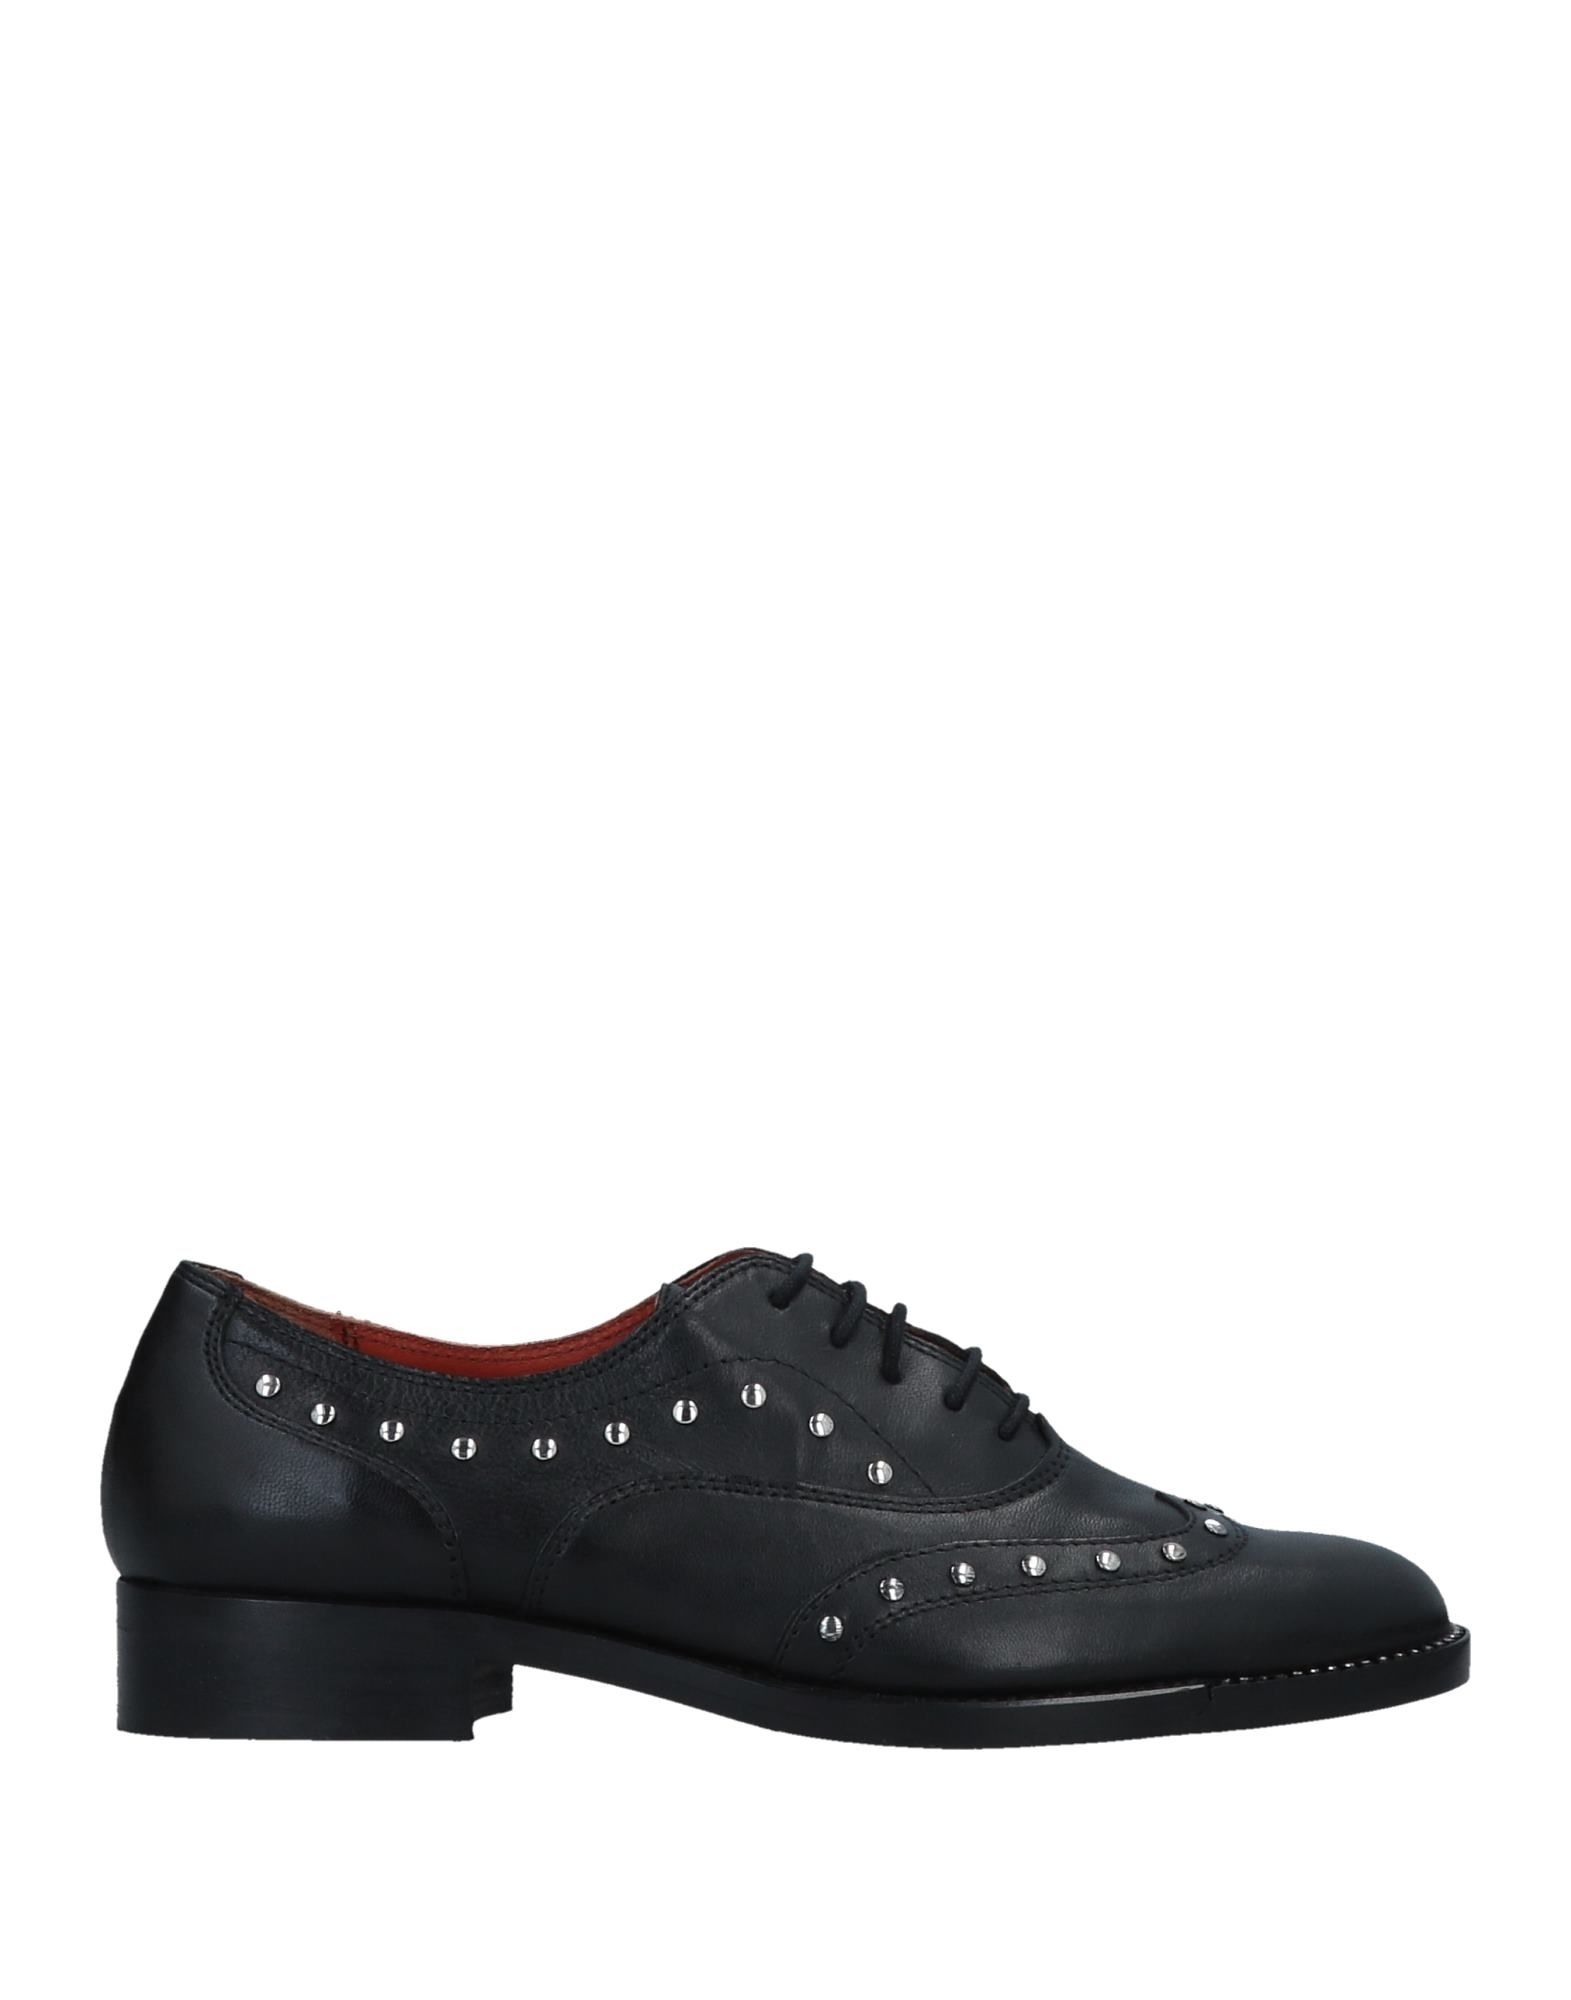 Bagatt Schnürschuhe Damen  11510480NV Gute Qualität beliebte Schuhe